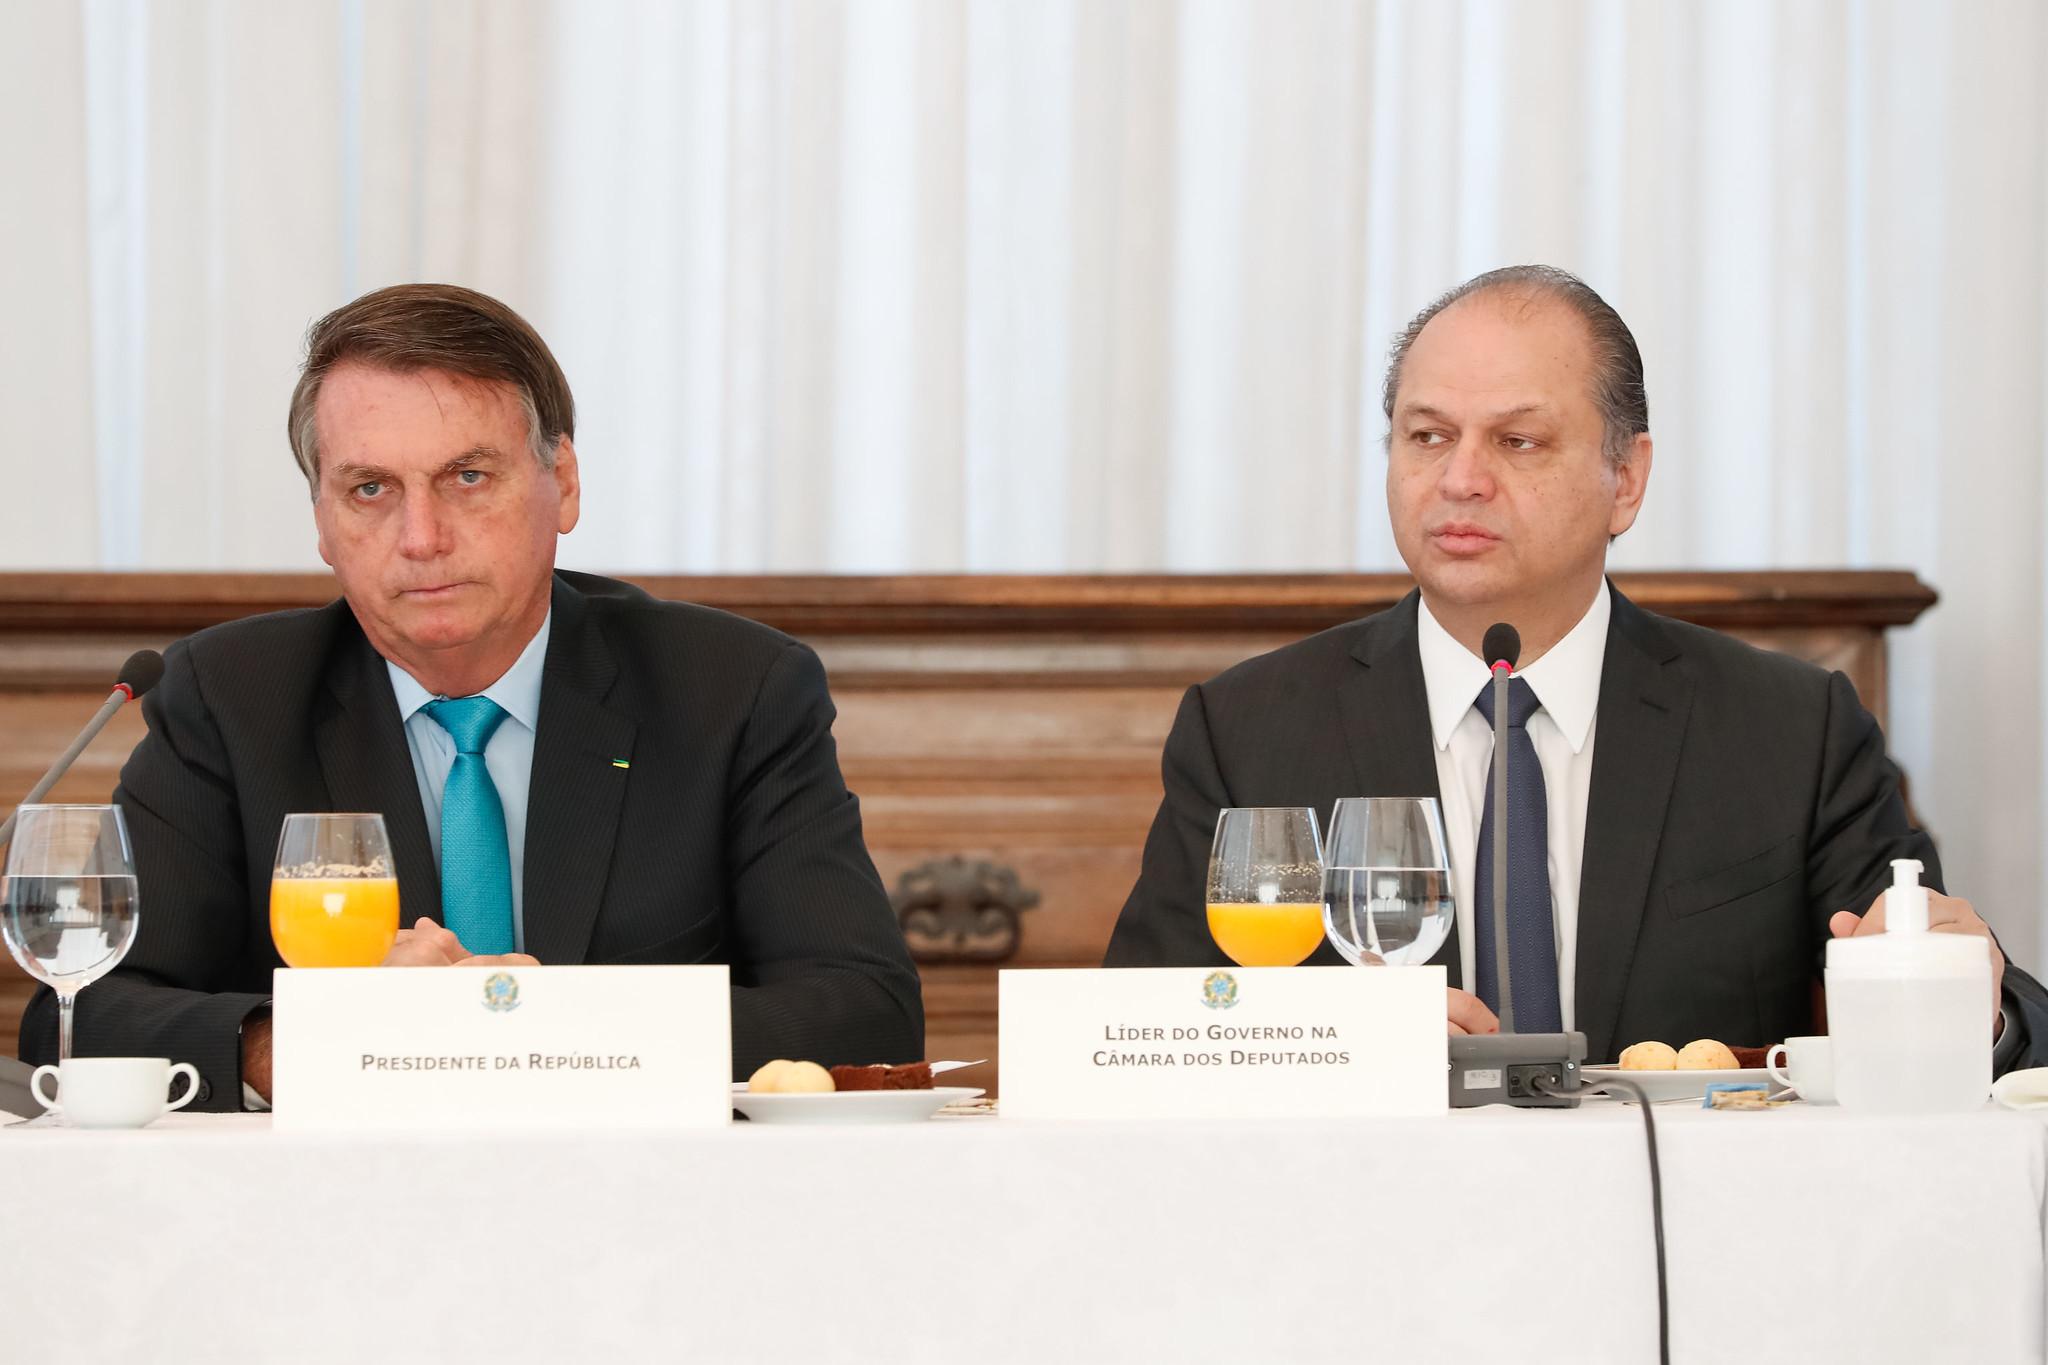 IMAGEM: Barros manda, Bolsonaro obedece